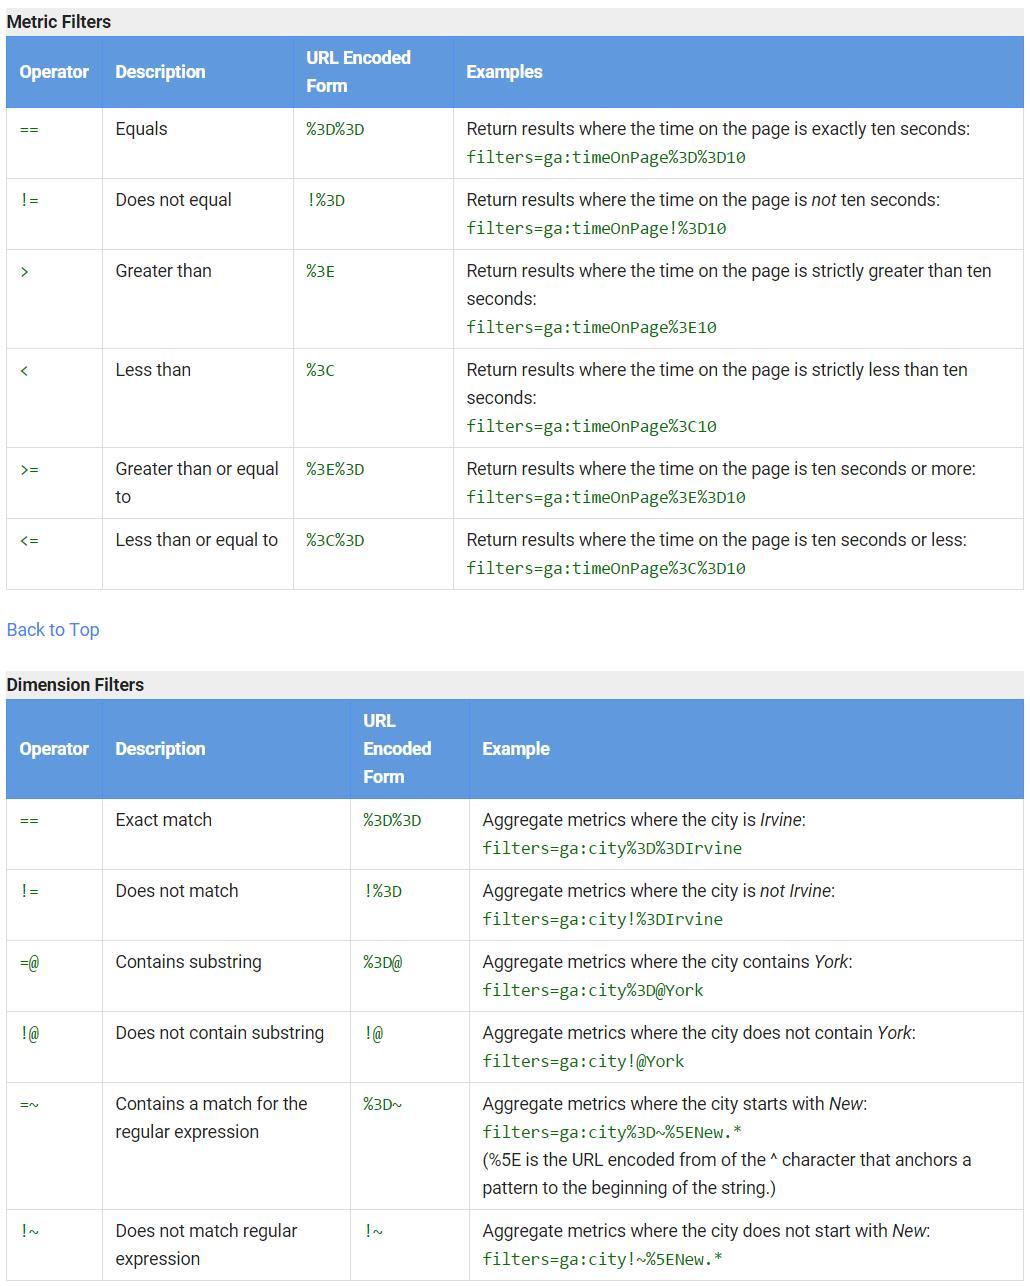 Cómo utilizar los filtros en la API de Google Analytics